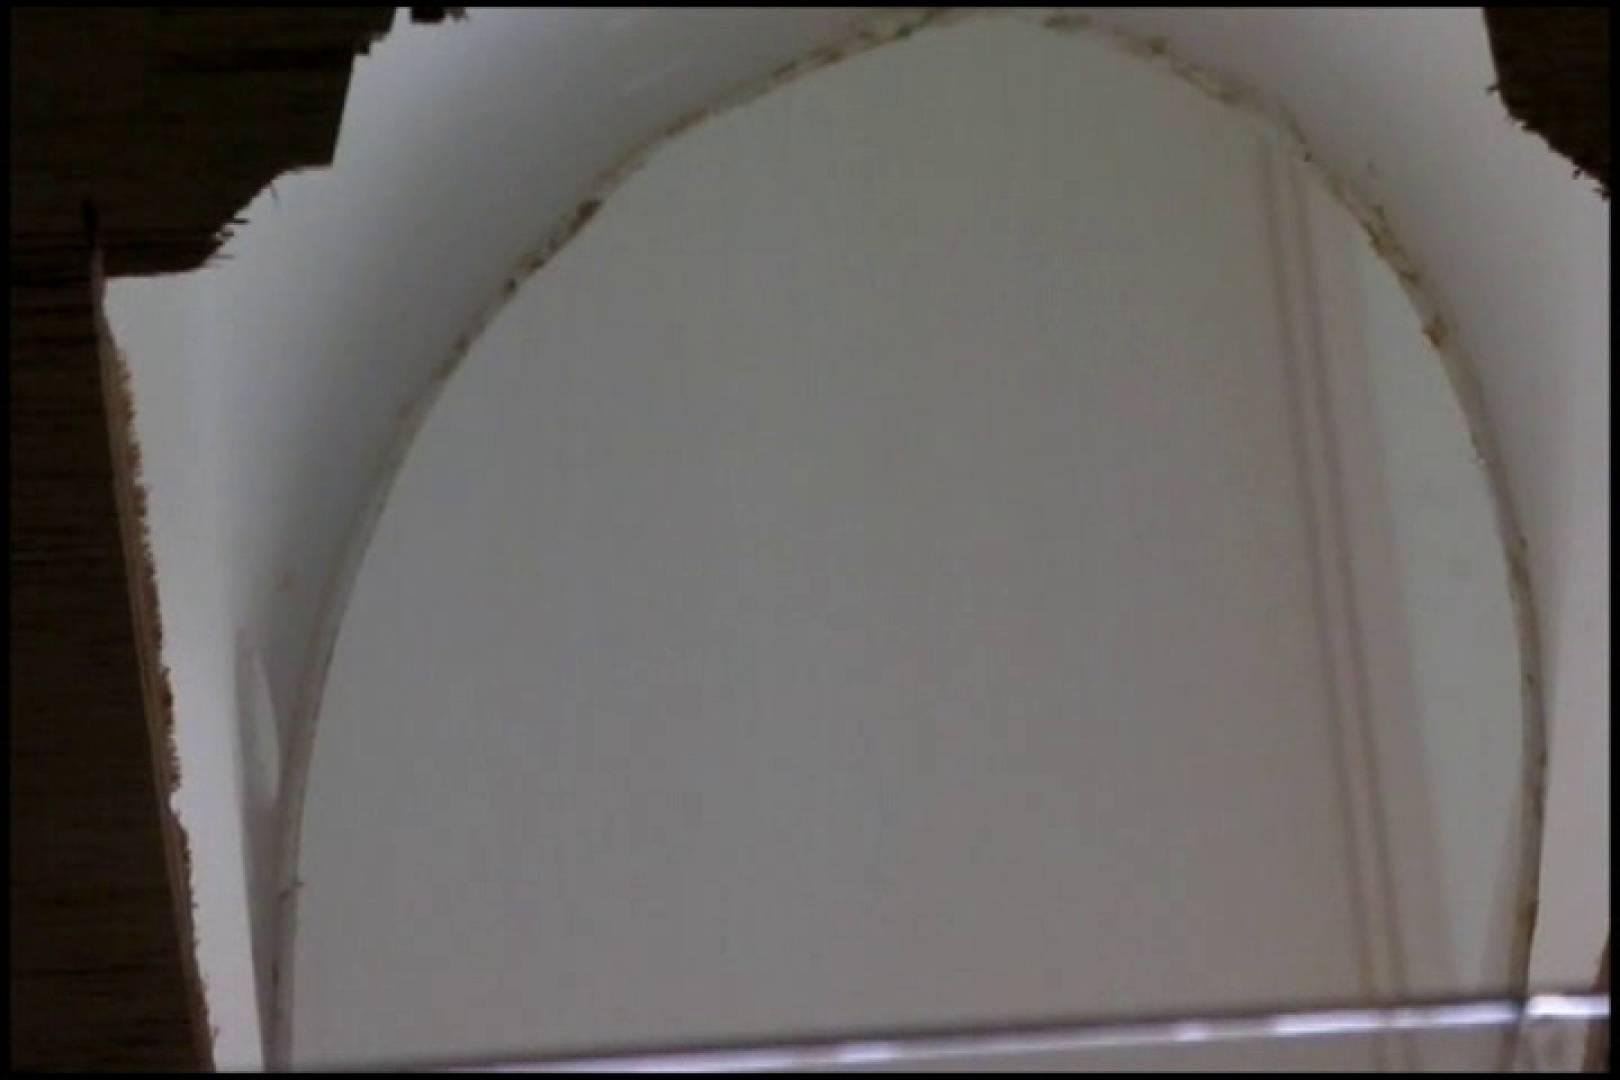 和式にまたがる女たちを待ちうけるカメラの衝撃映像vol.02 盗撮 | 黄金水  96枚 7